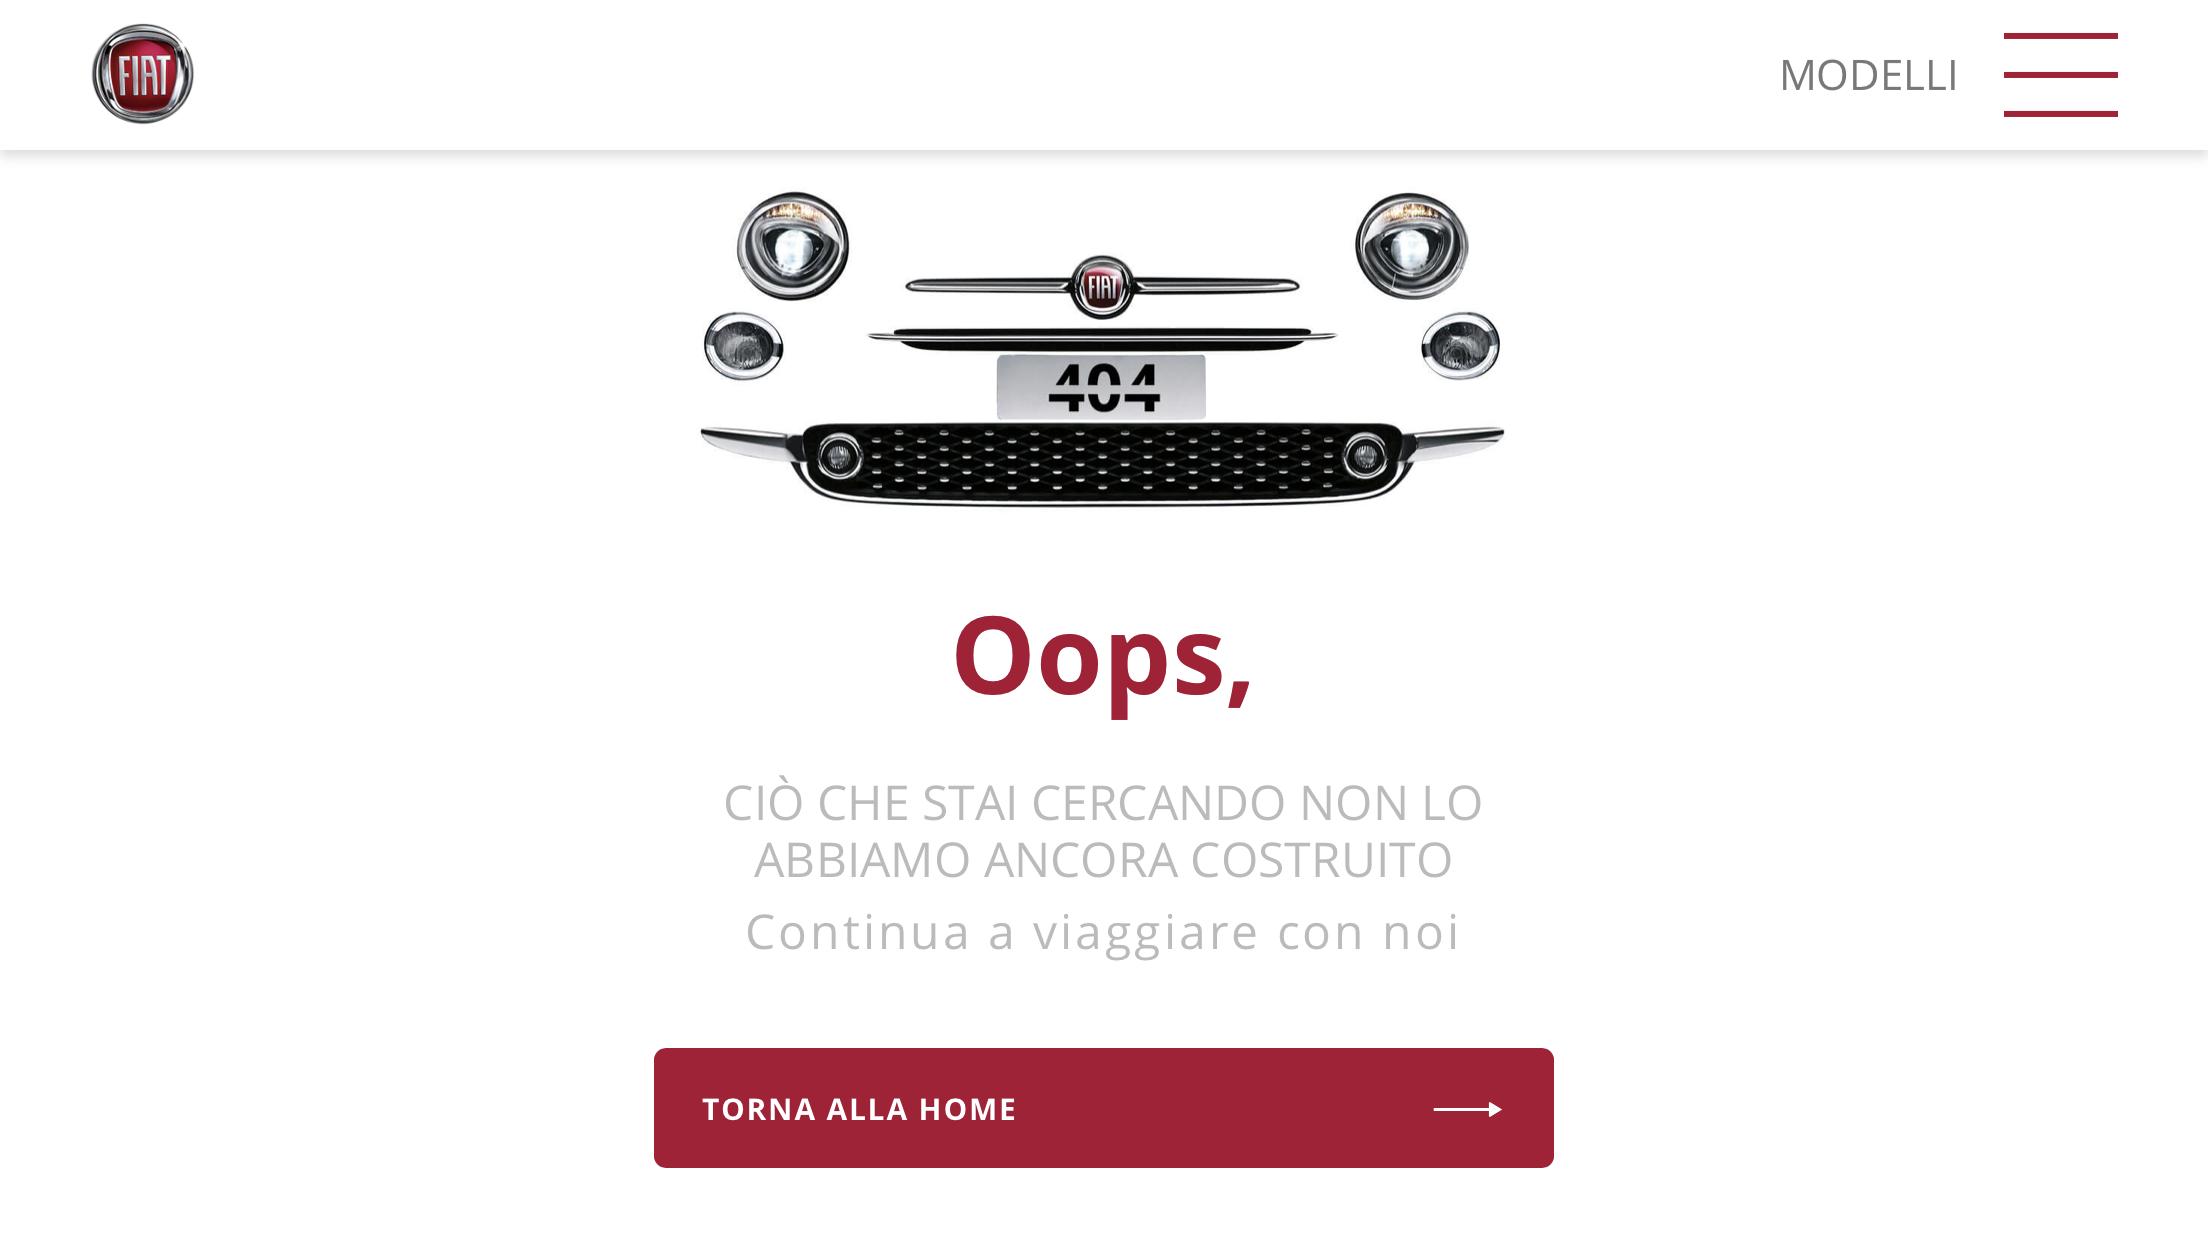 Fiat error 404